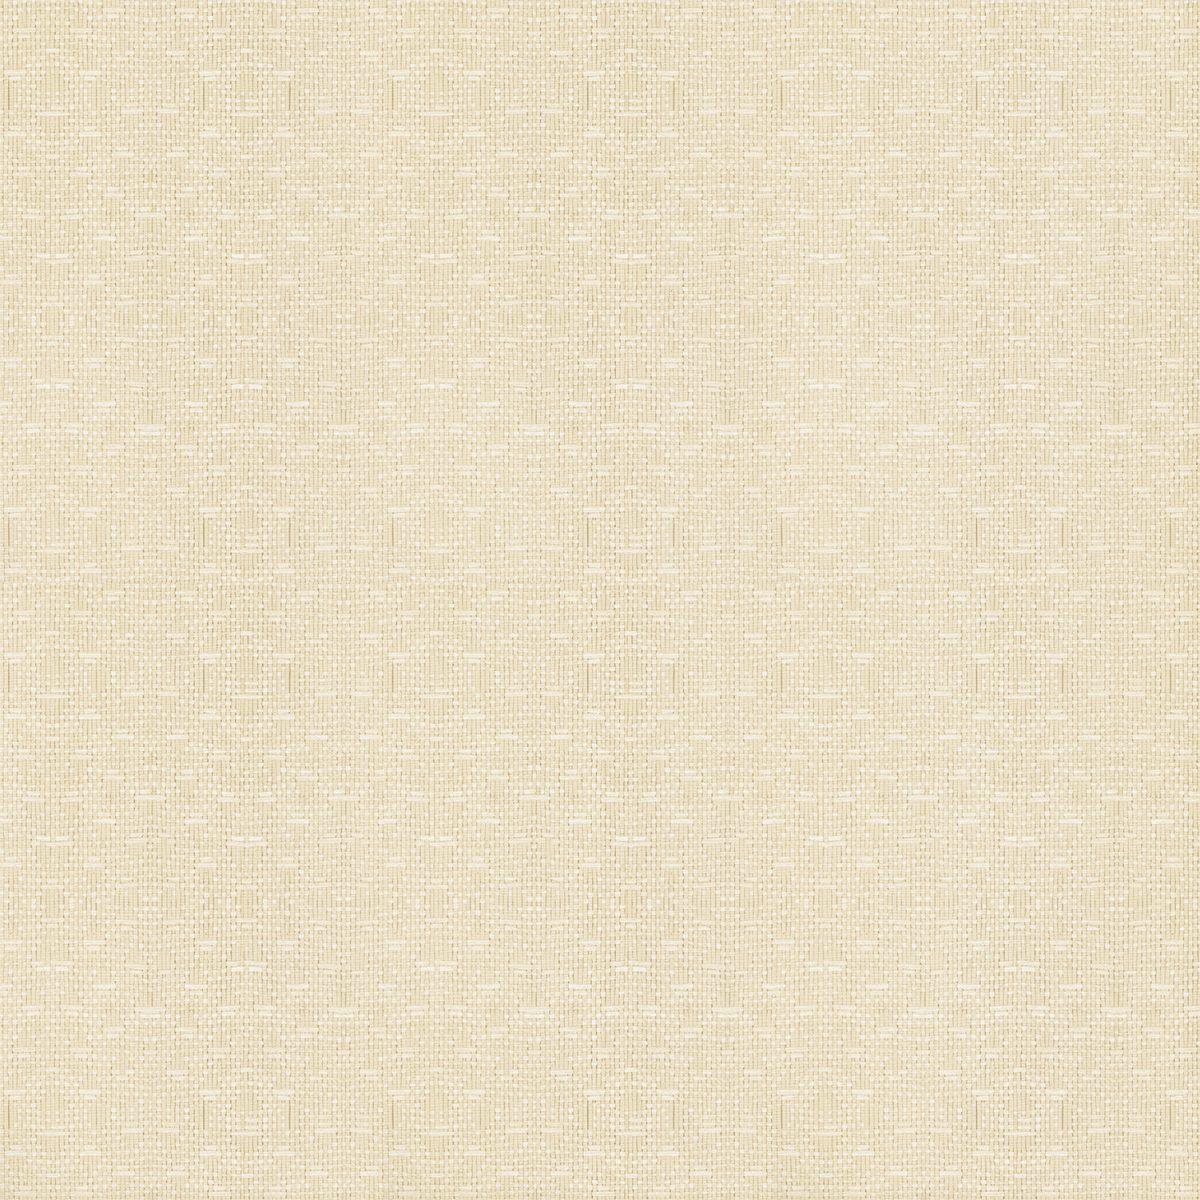 Papel de parede tecido vinilizado Classique